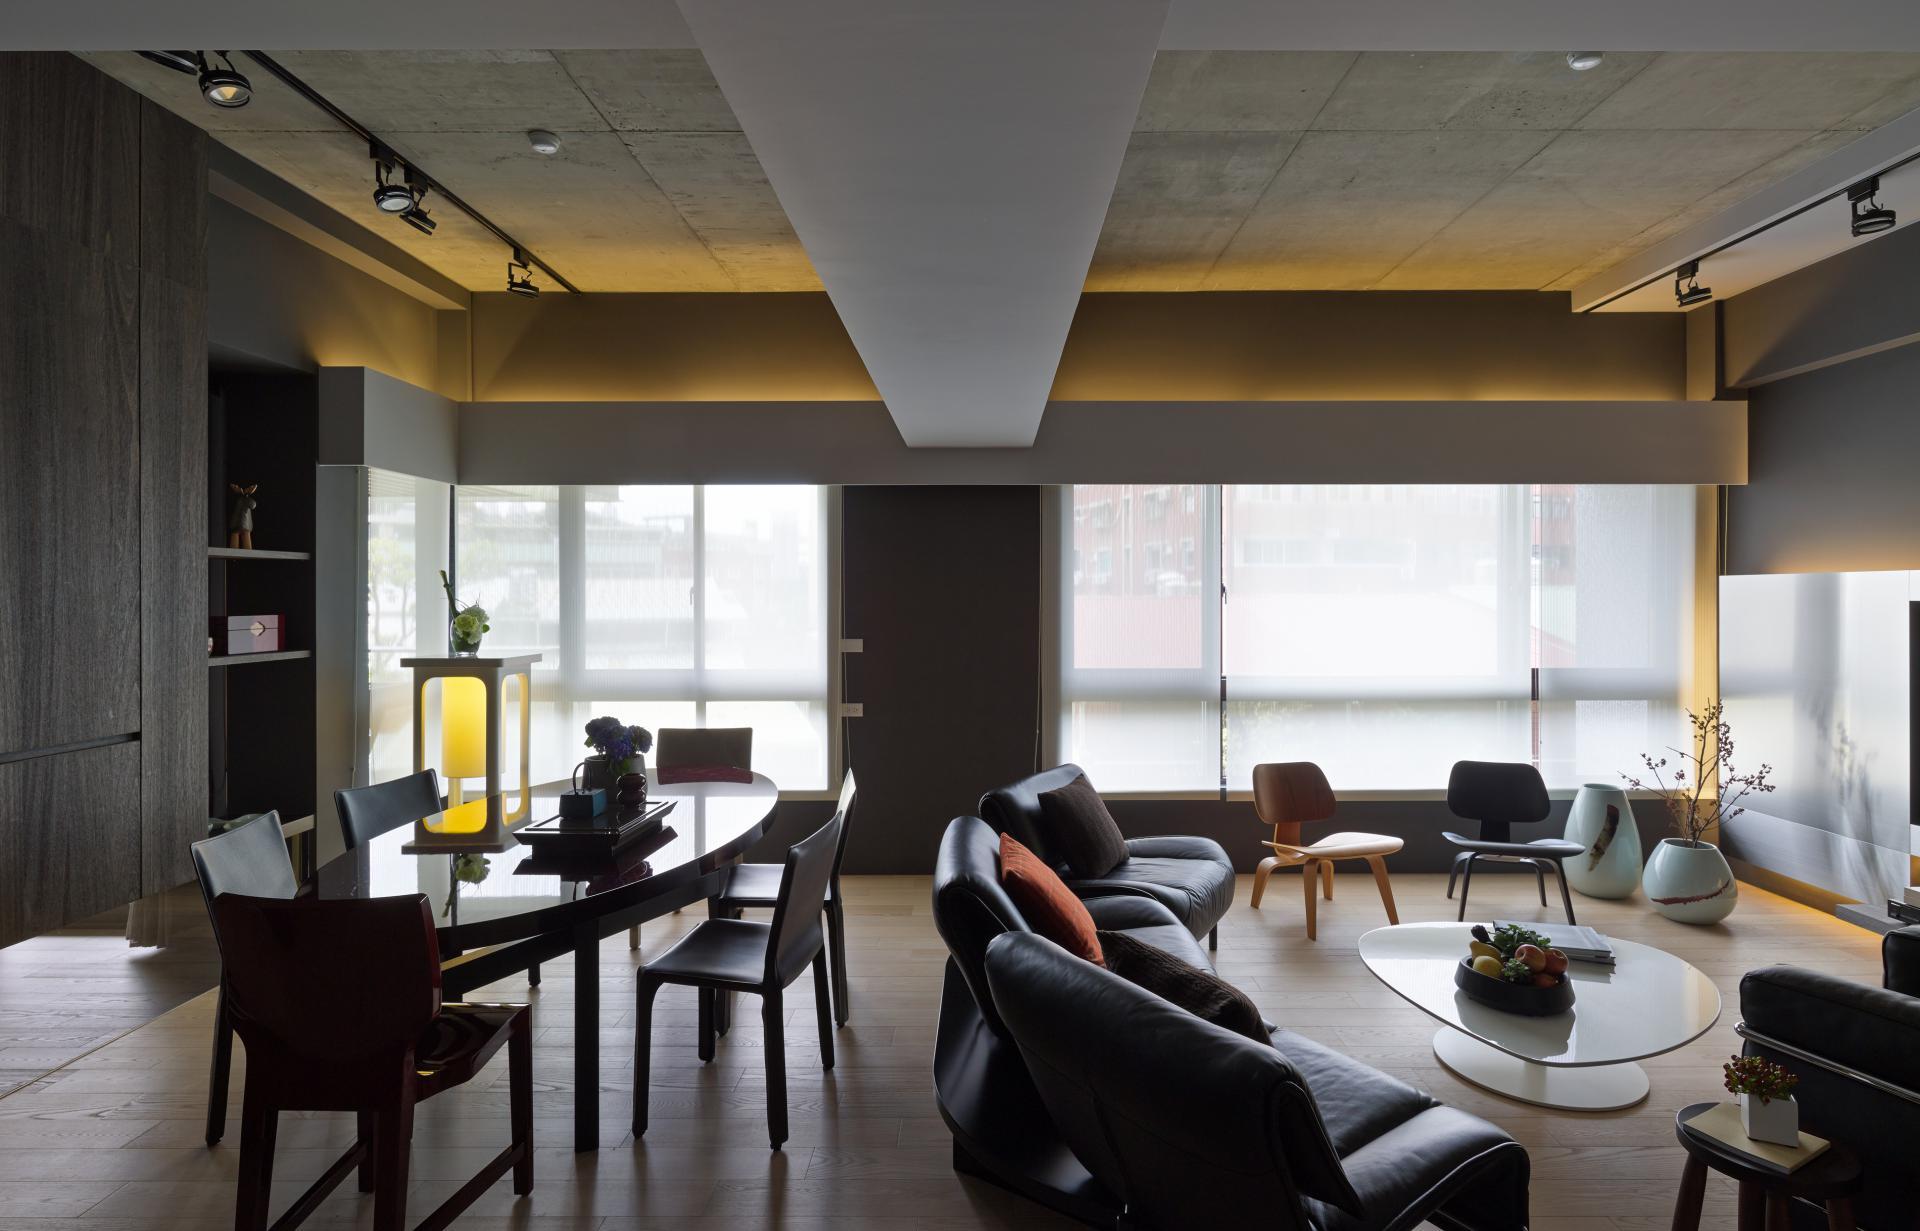 Wedo thiết kế nội thất phòng khách và phòng ăn đẹp lấy cảm hứng từ thiên nhiên